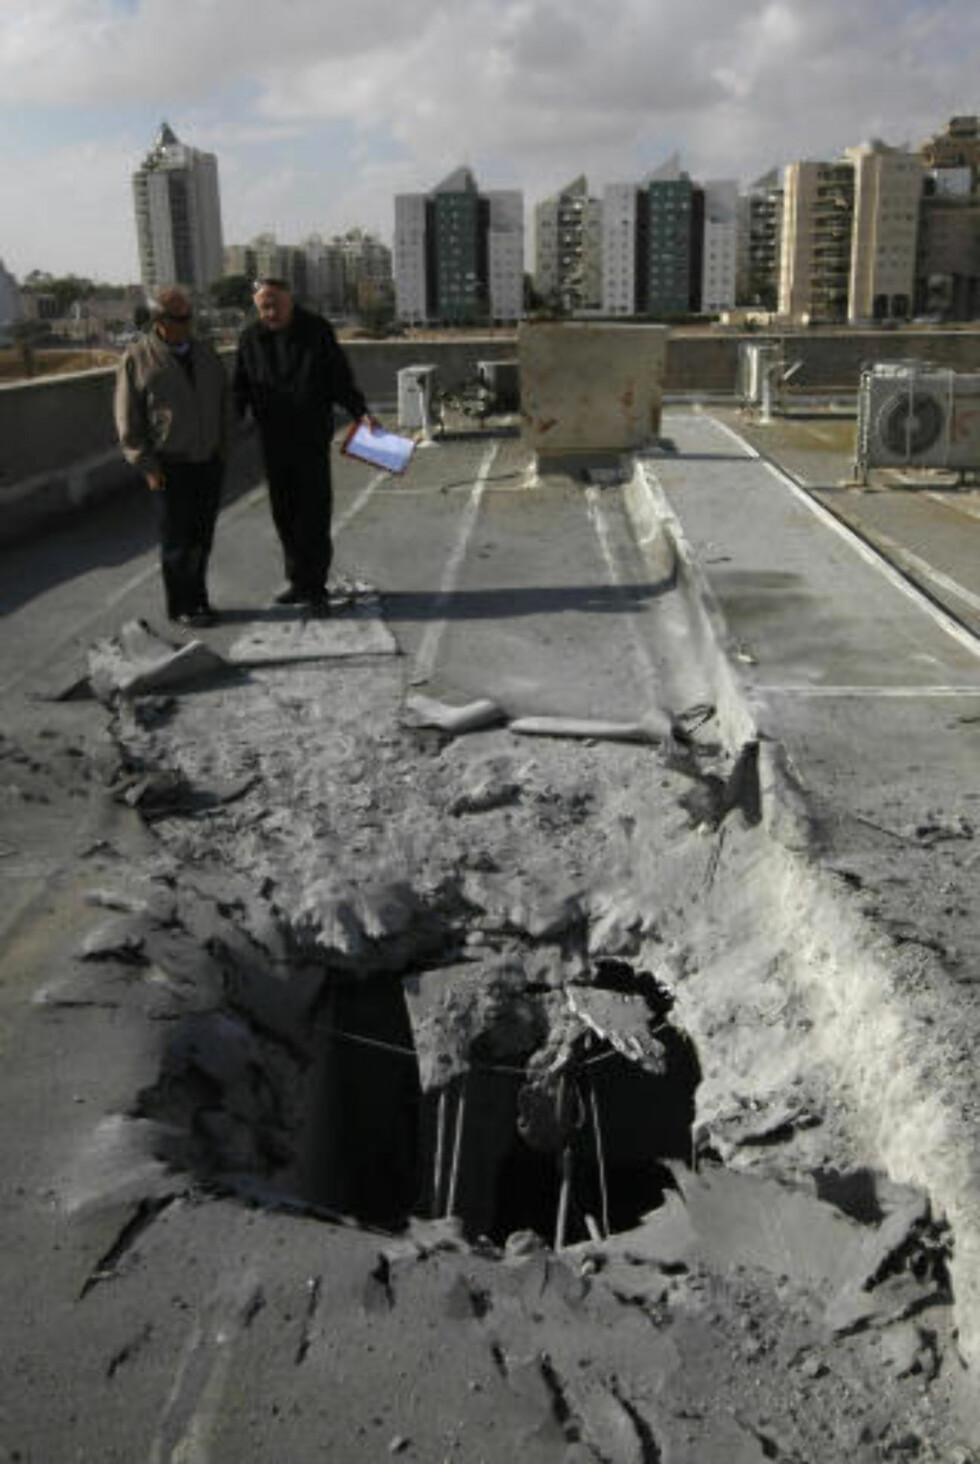 RAKETTANGREP: Israelere står ved stedet der et palestinsk rakettangrep har slått ned i byen Beersheva. De daglige rakettangrepene var en hovedårsakene til at den israelske offensiven ble innledet. Foto: AFP PHOTO/MENAHEM KAHANA/SCANPIX